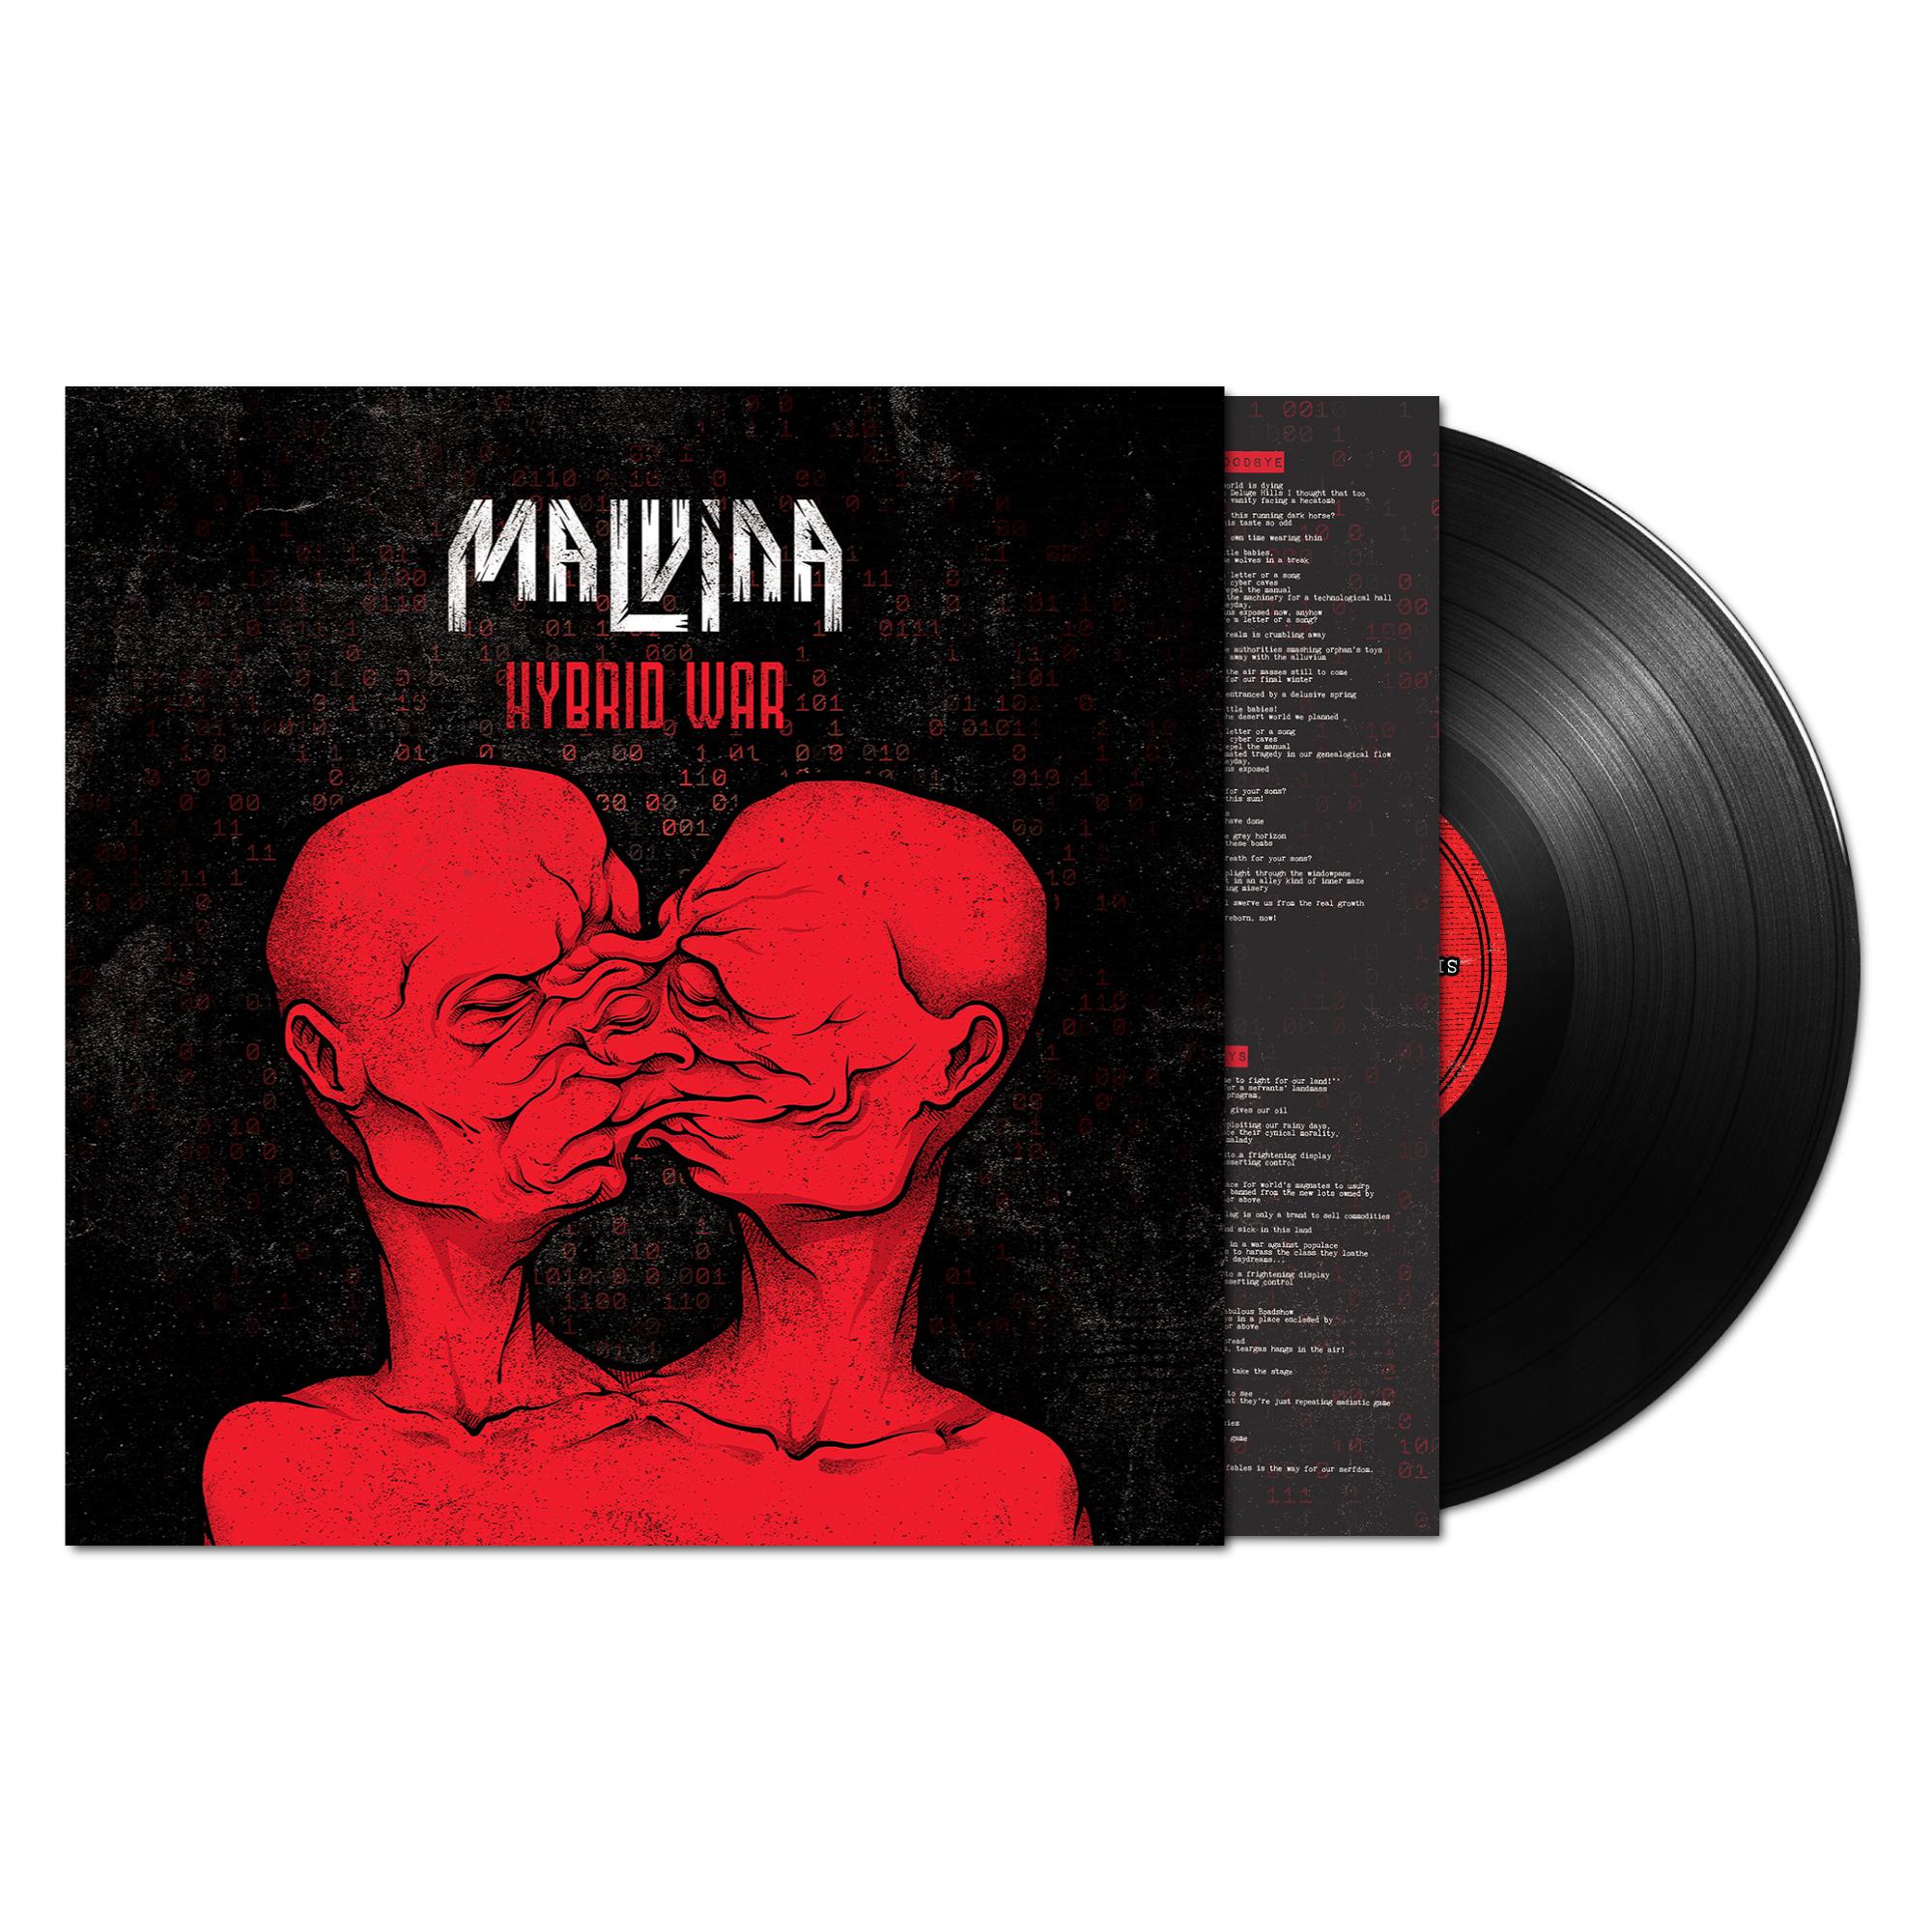 MALVINA - Hybrid War